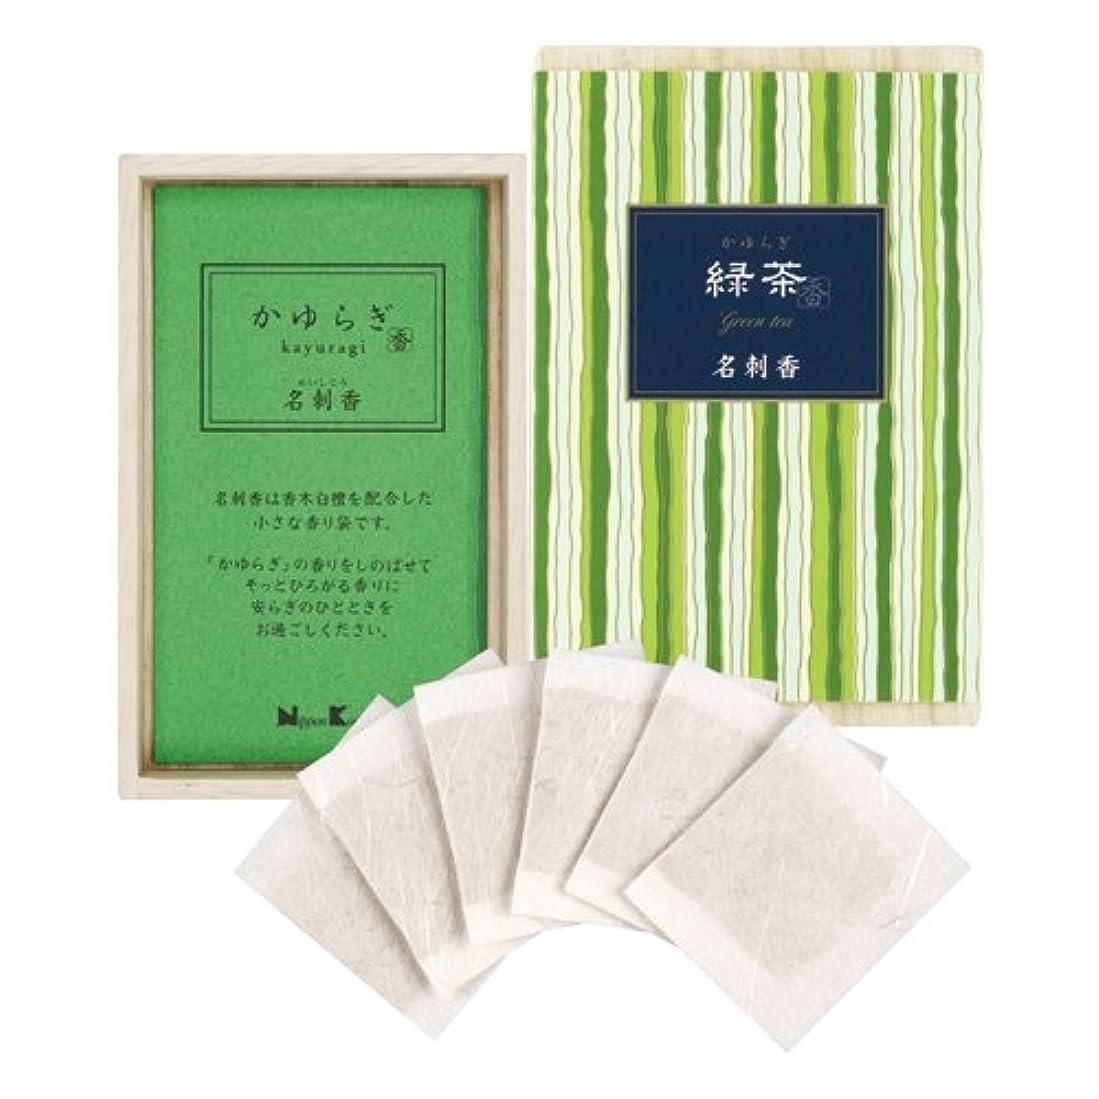 受付ブリリアント刺しますかゆらぎ 緑茶 名刺香 桐箱 6入